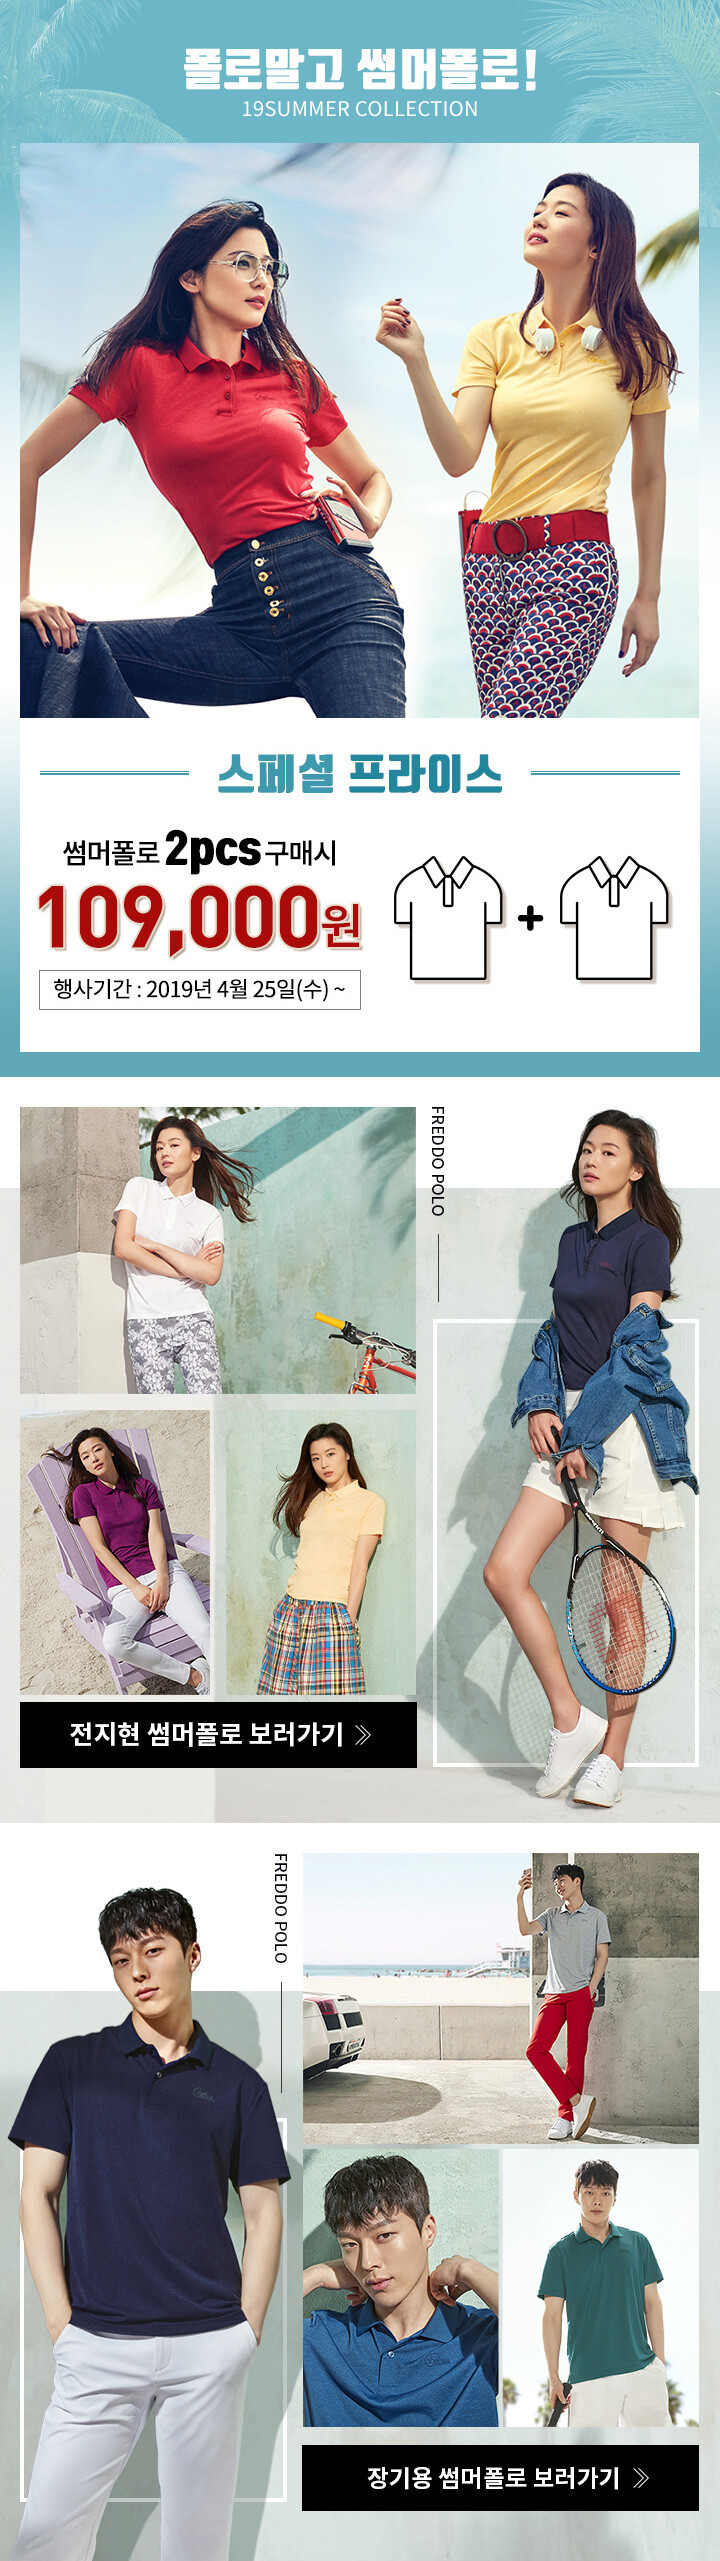 폴로말고 썸머폴로! 19SUMMER COLLECTION. 가정의달EVENT 썸머폴로2pcs구매시 109,000원(행사기간 : 2019년 4월 25일(수)~ )